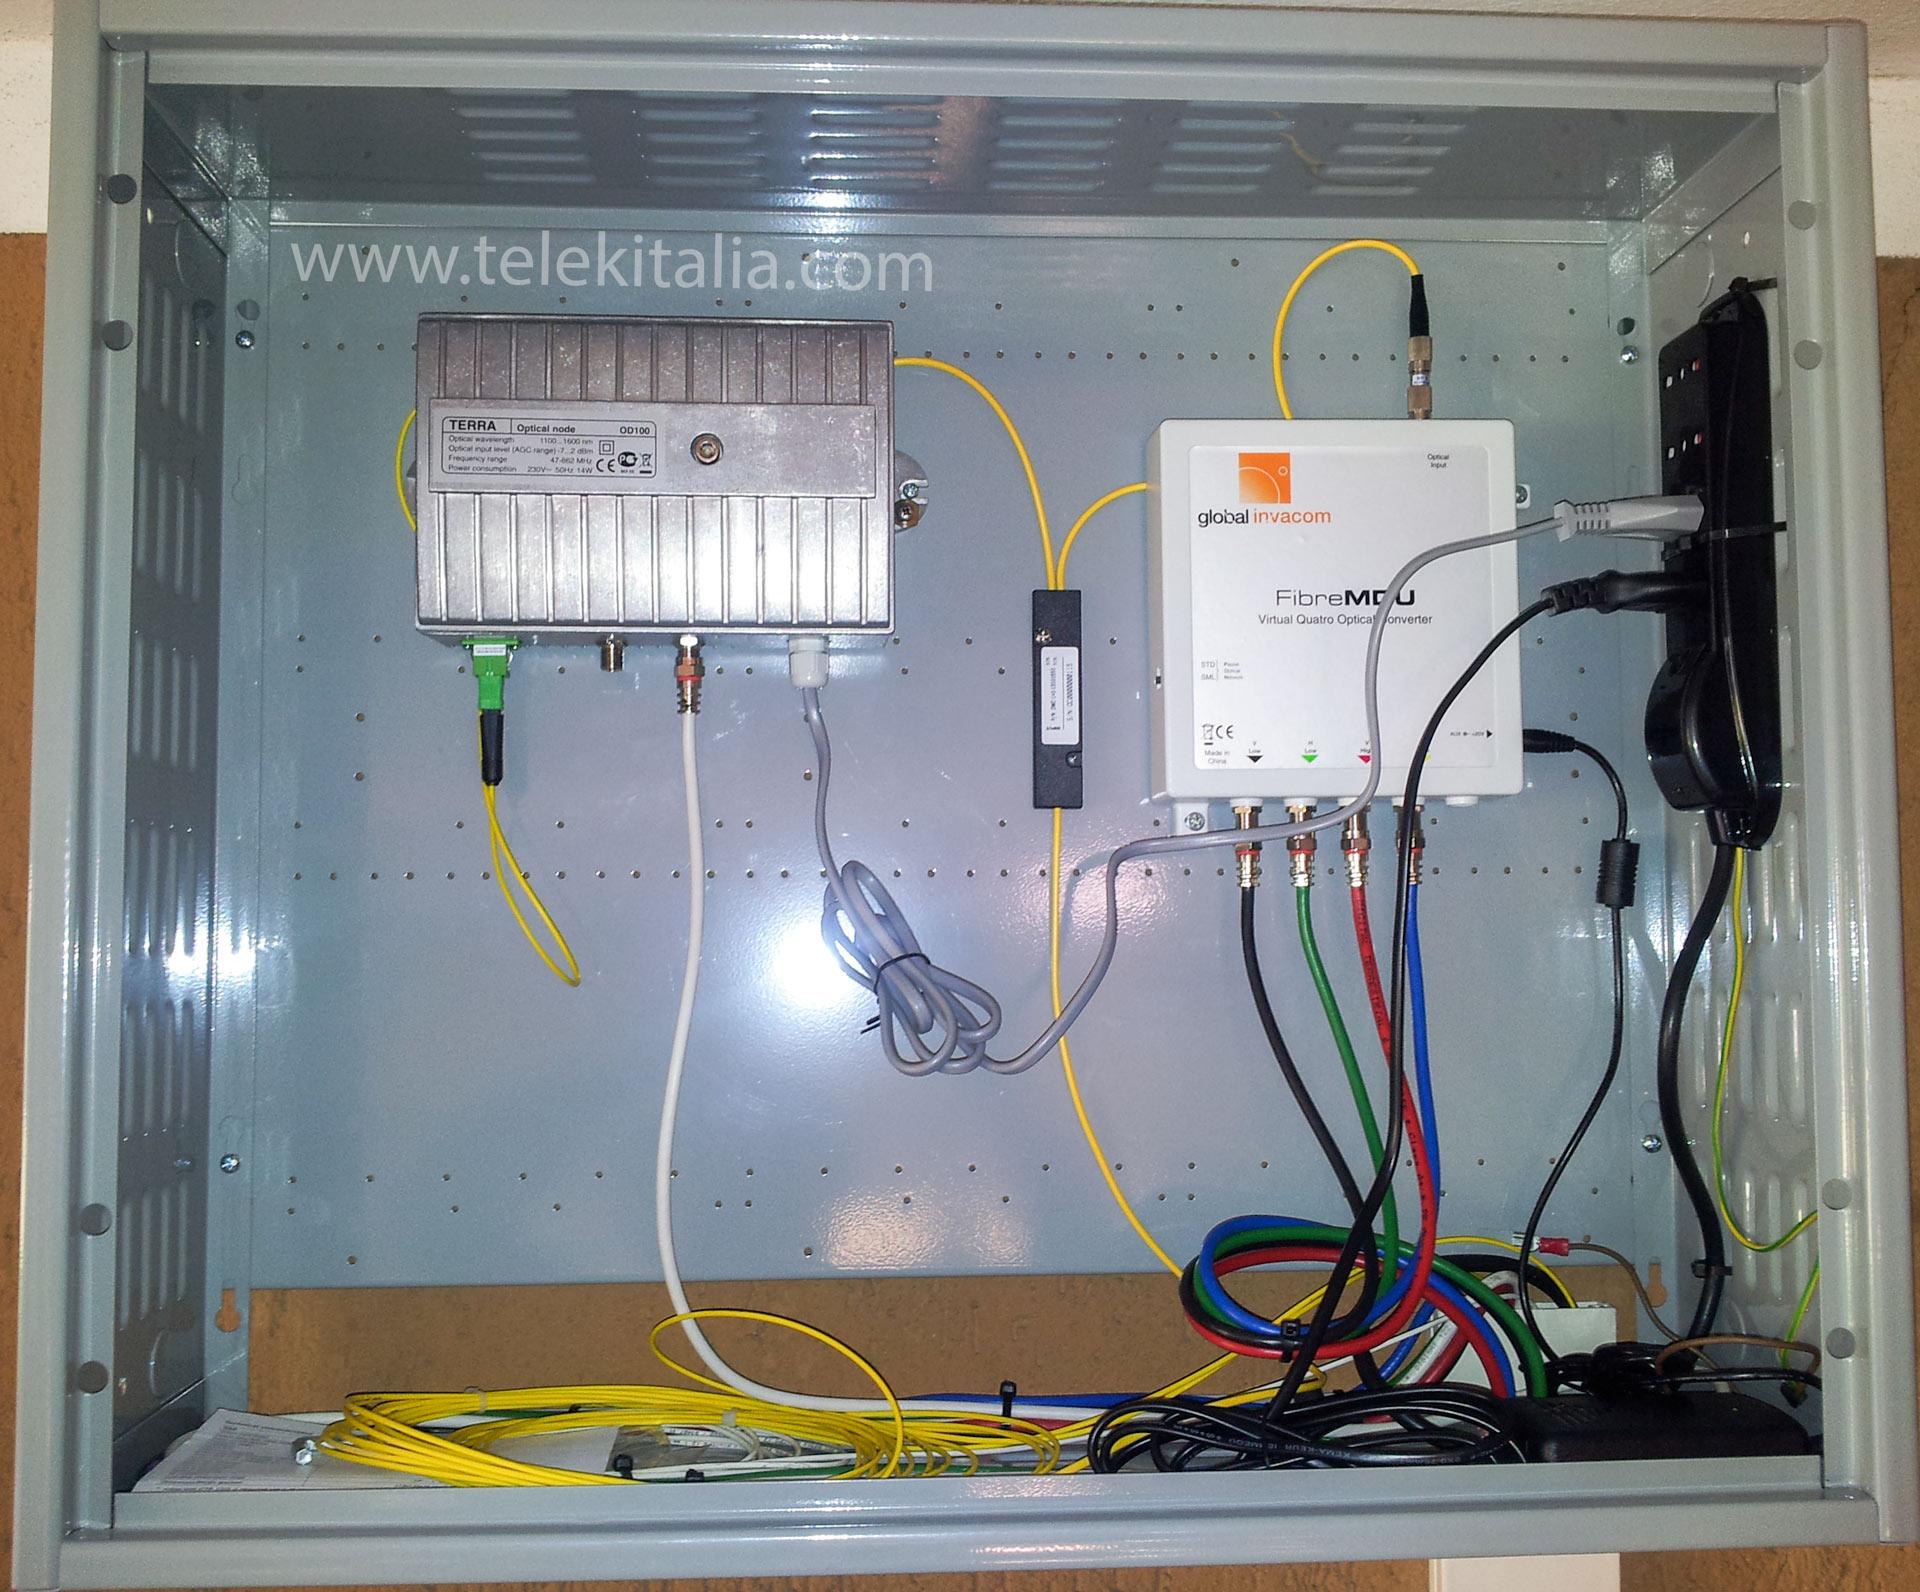 Schema Cablaggio Rete Lan : Impianto tv fibra ottica